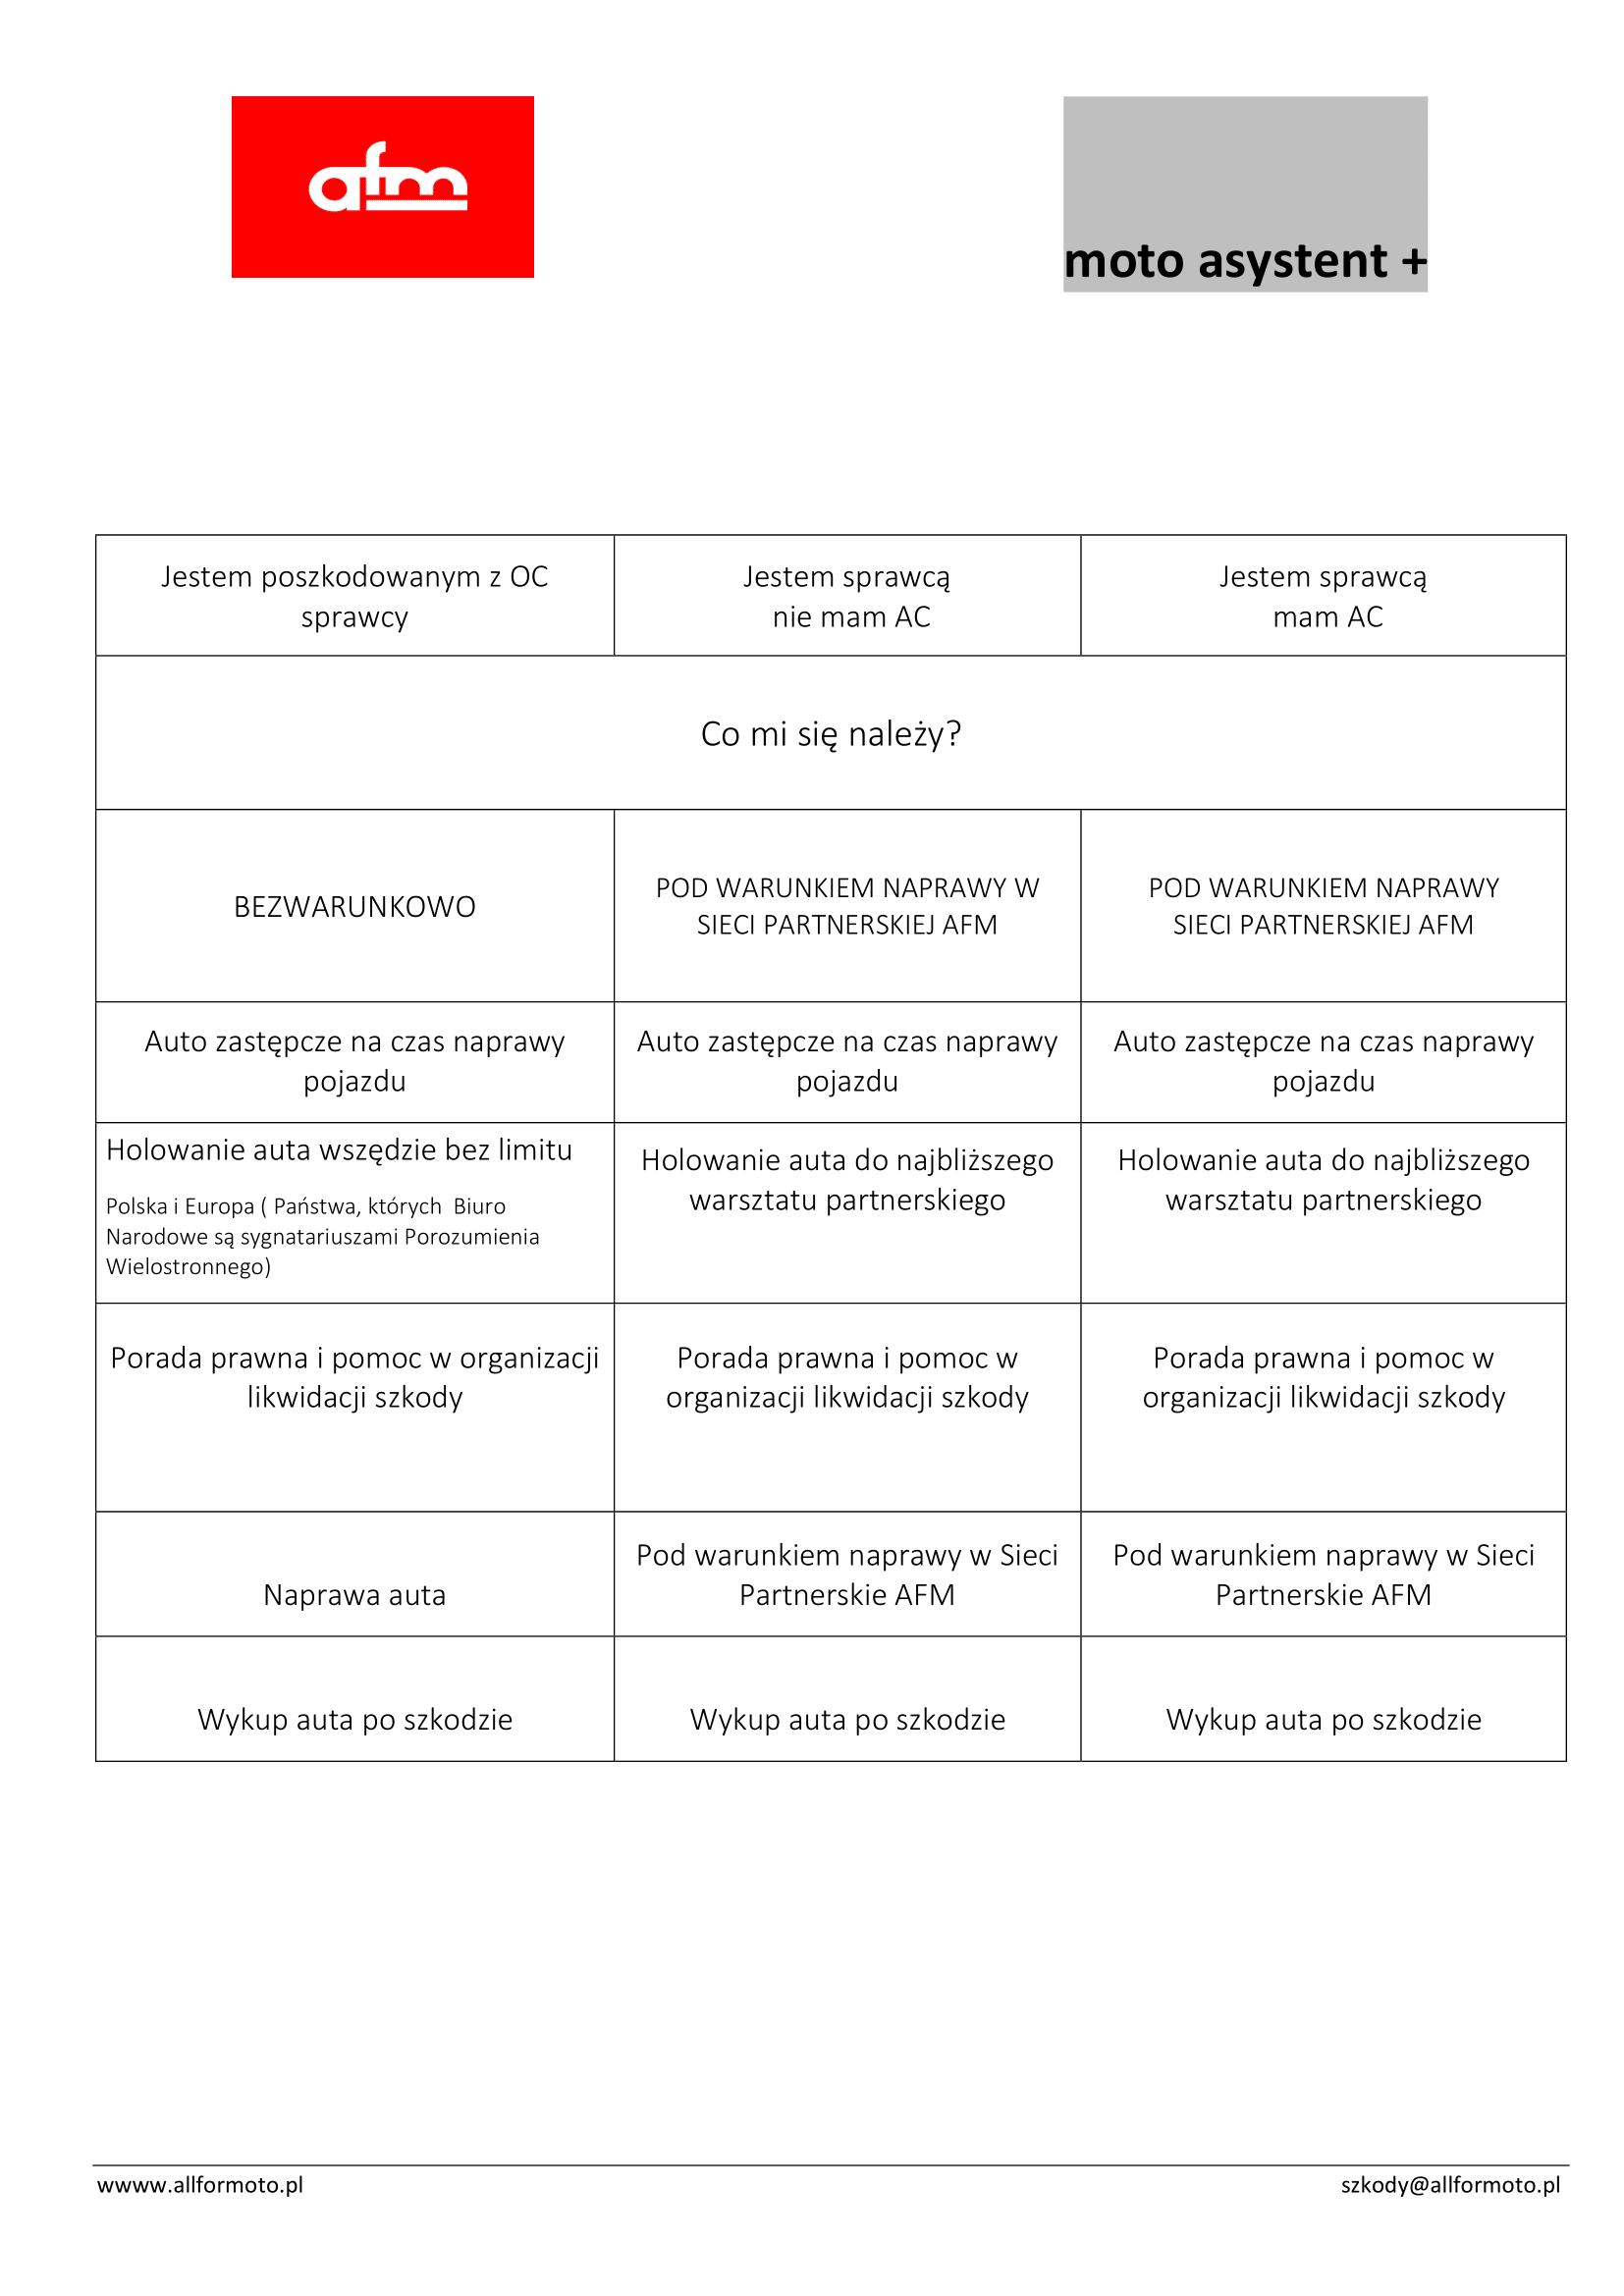 Kompendium wiedzy Moto Asystent +-1